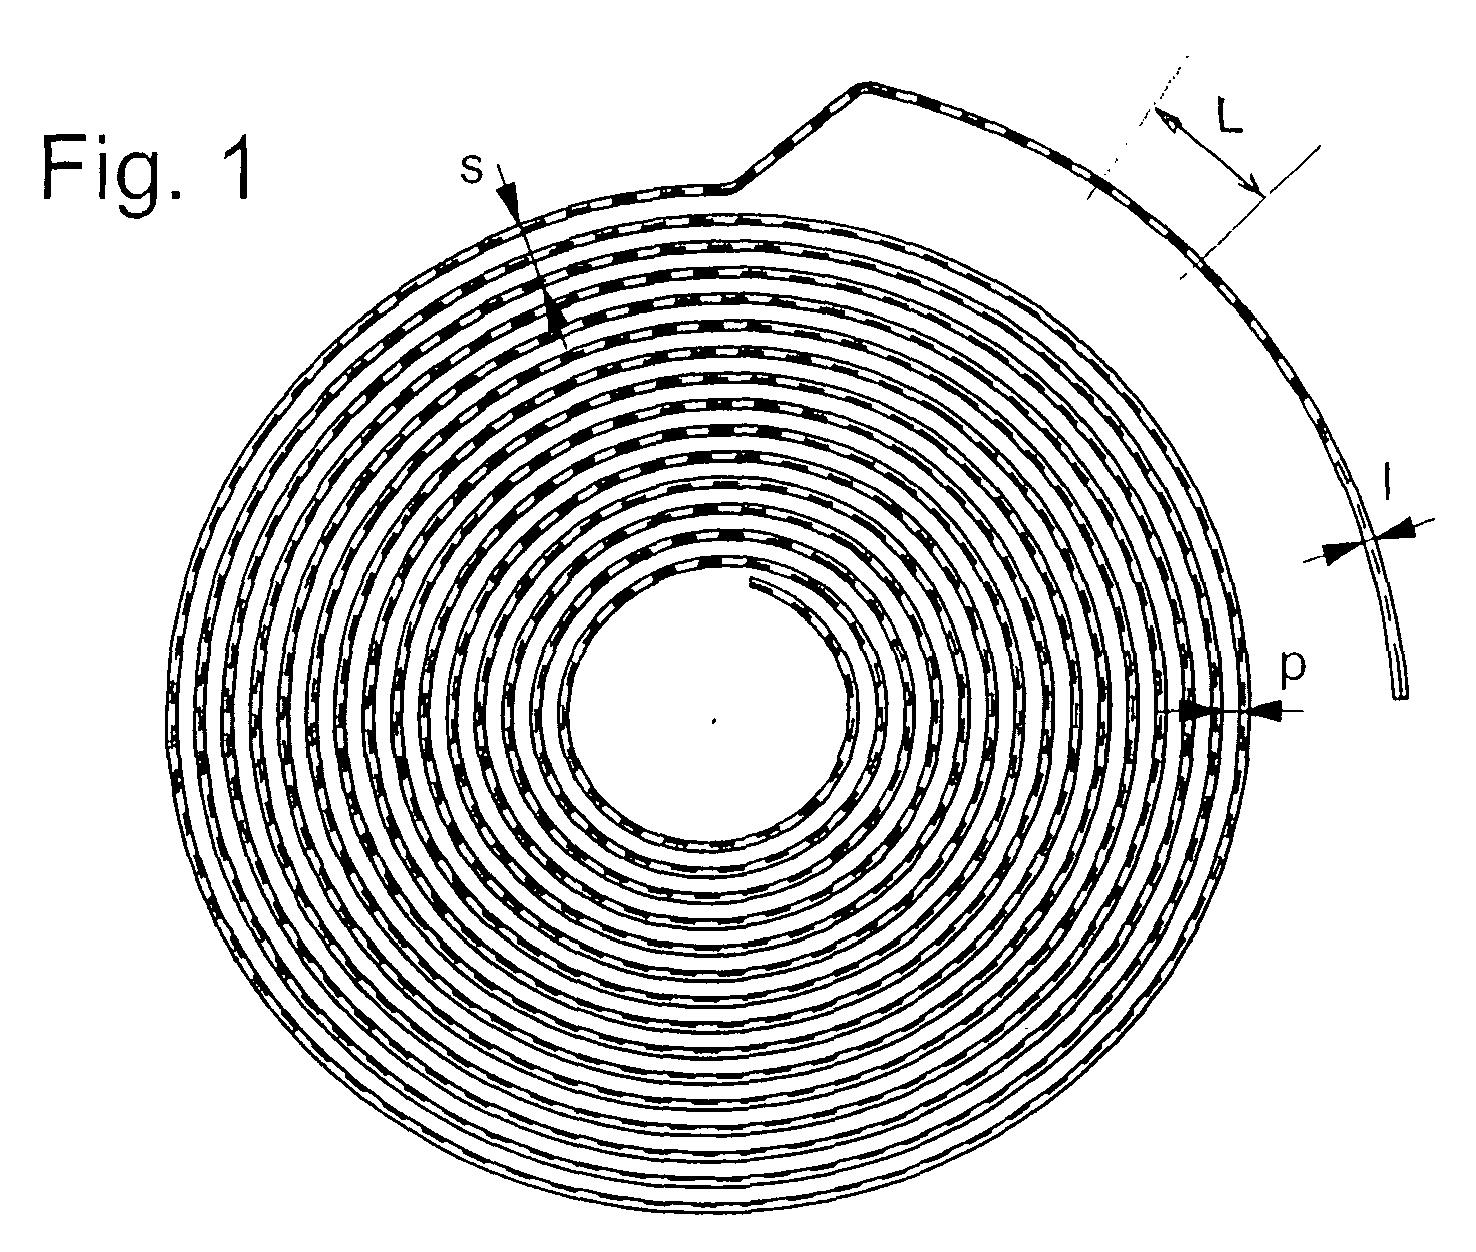 ep1791039a1 spiral en verre athermique pour mouvement d 39 horlogerie et son proc d de. Black Bedroom Furniture Sets. Home Design Ideas